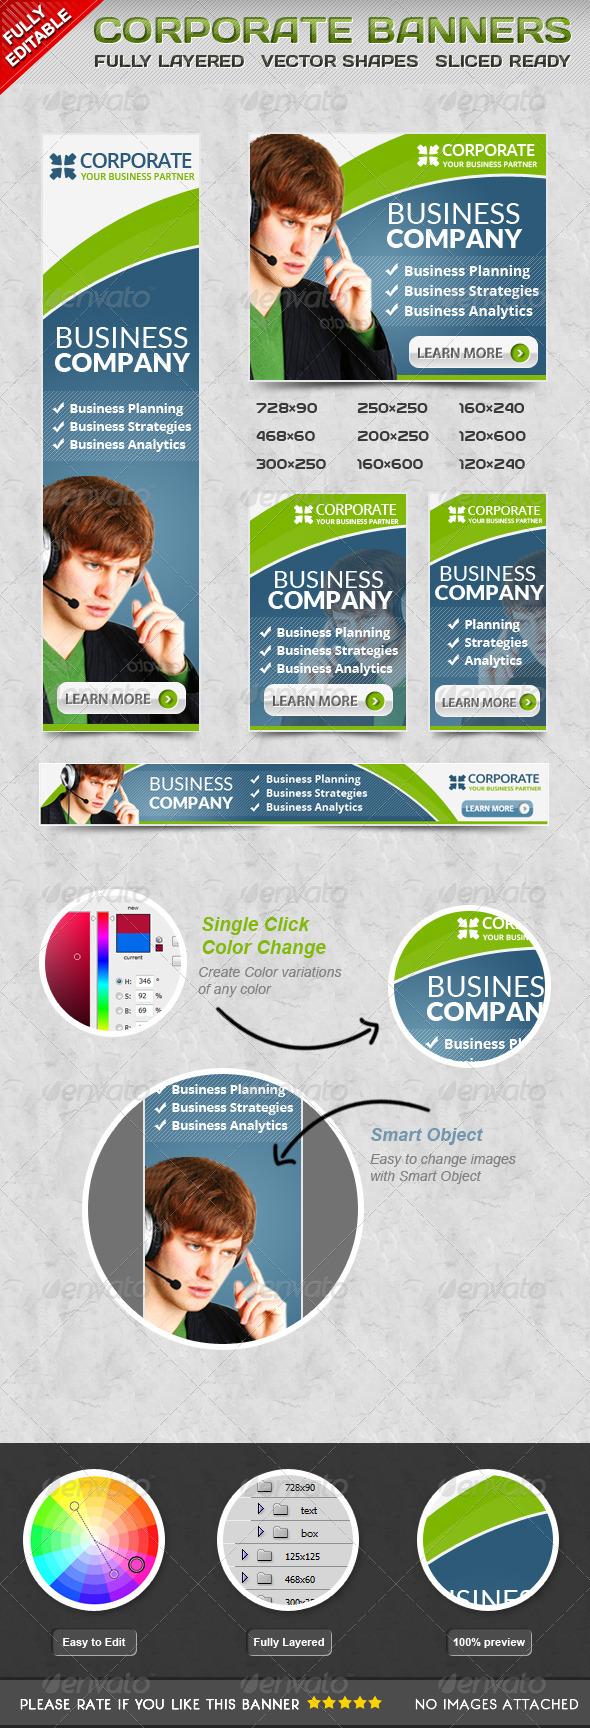 GraphicRiver Corporate Banner 6400590